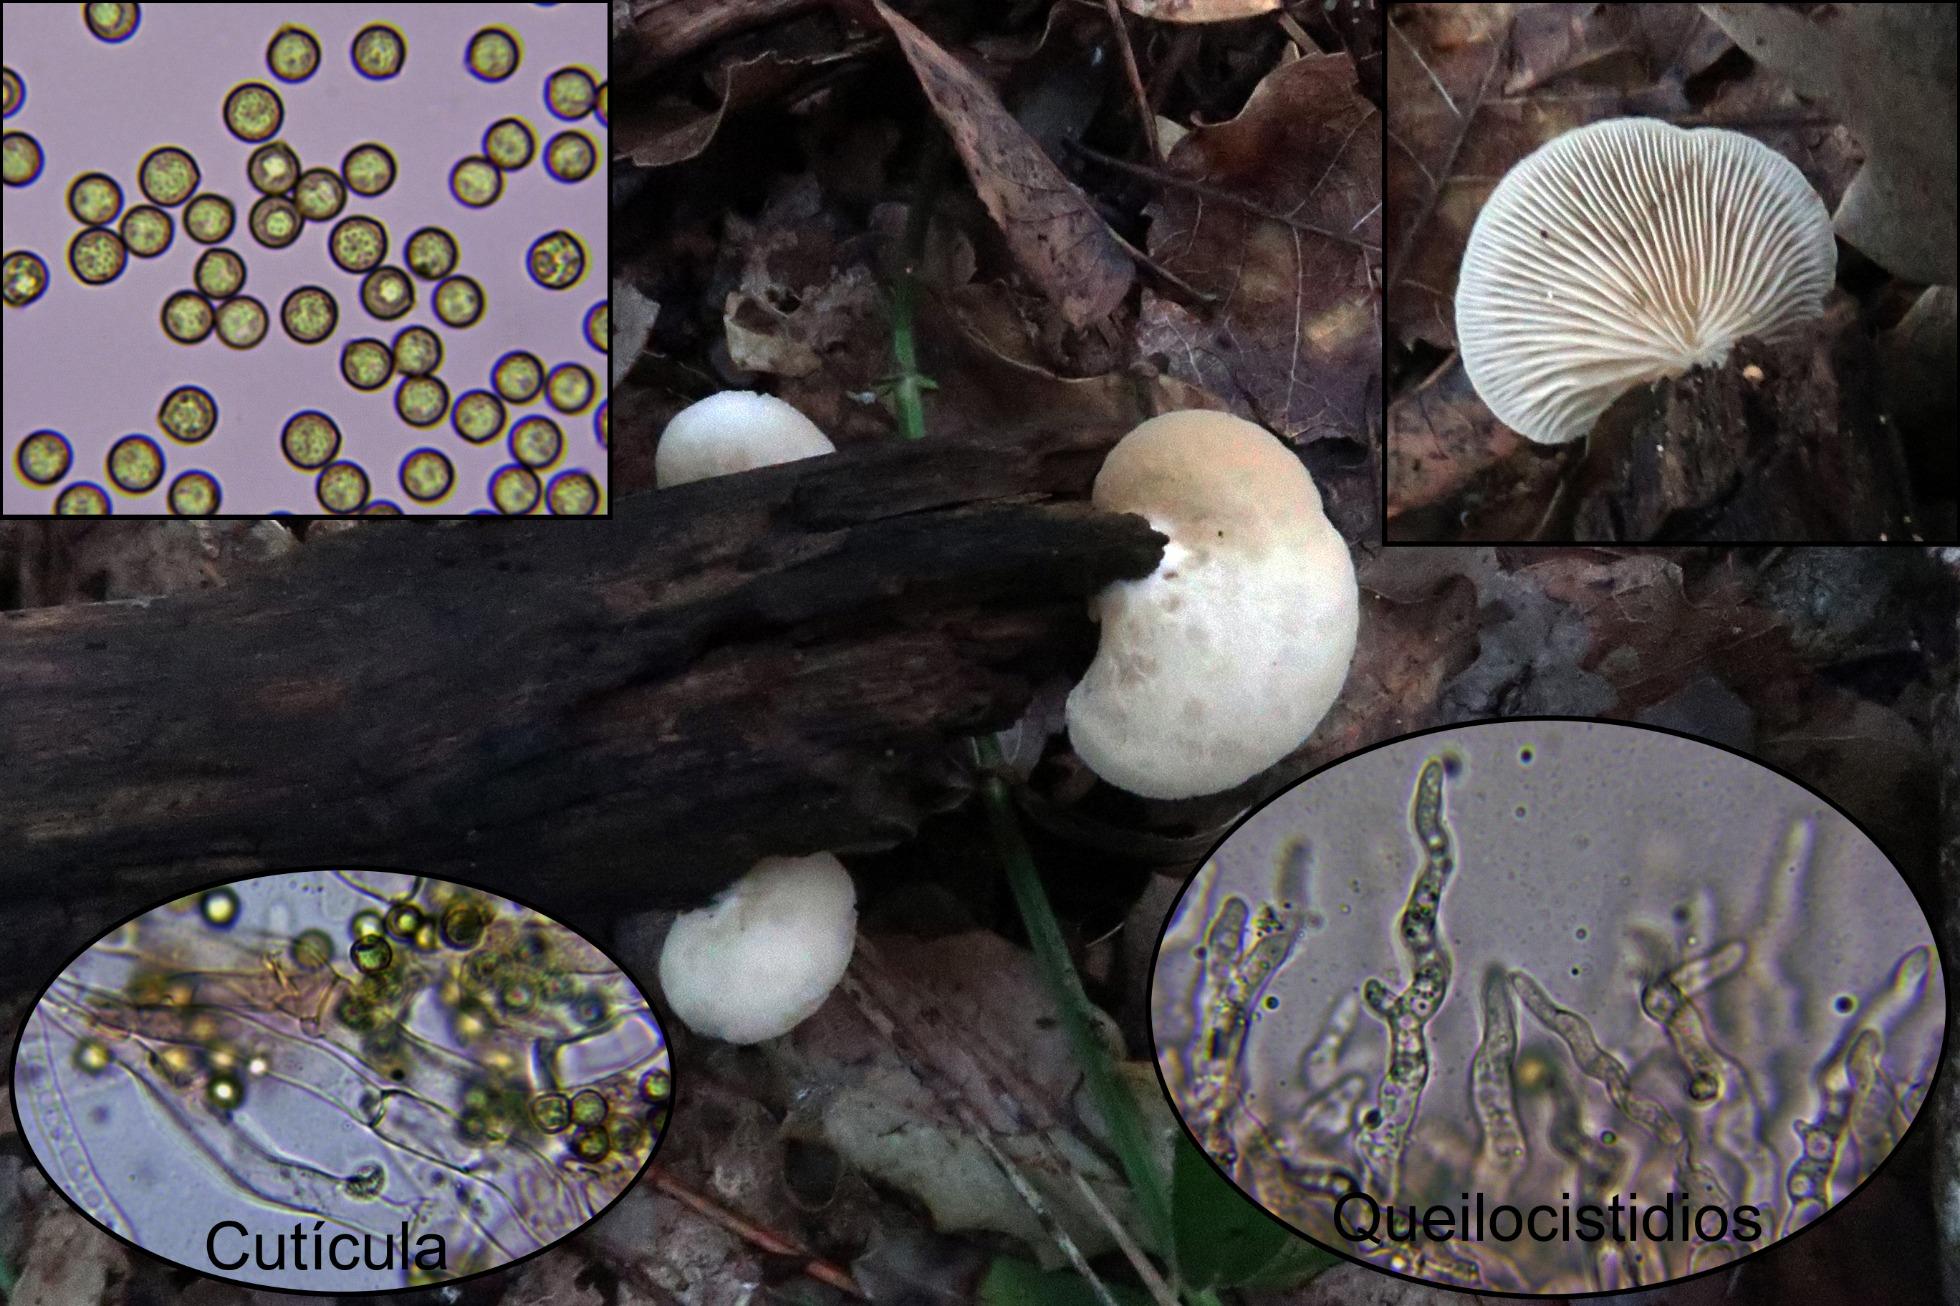 Crepidotuscesatiivarsphaerosporusp.jpg